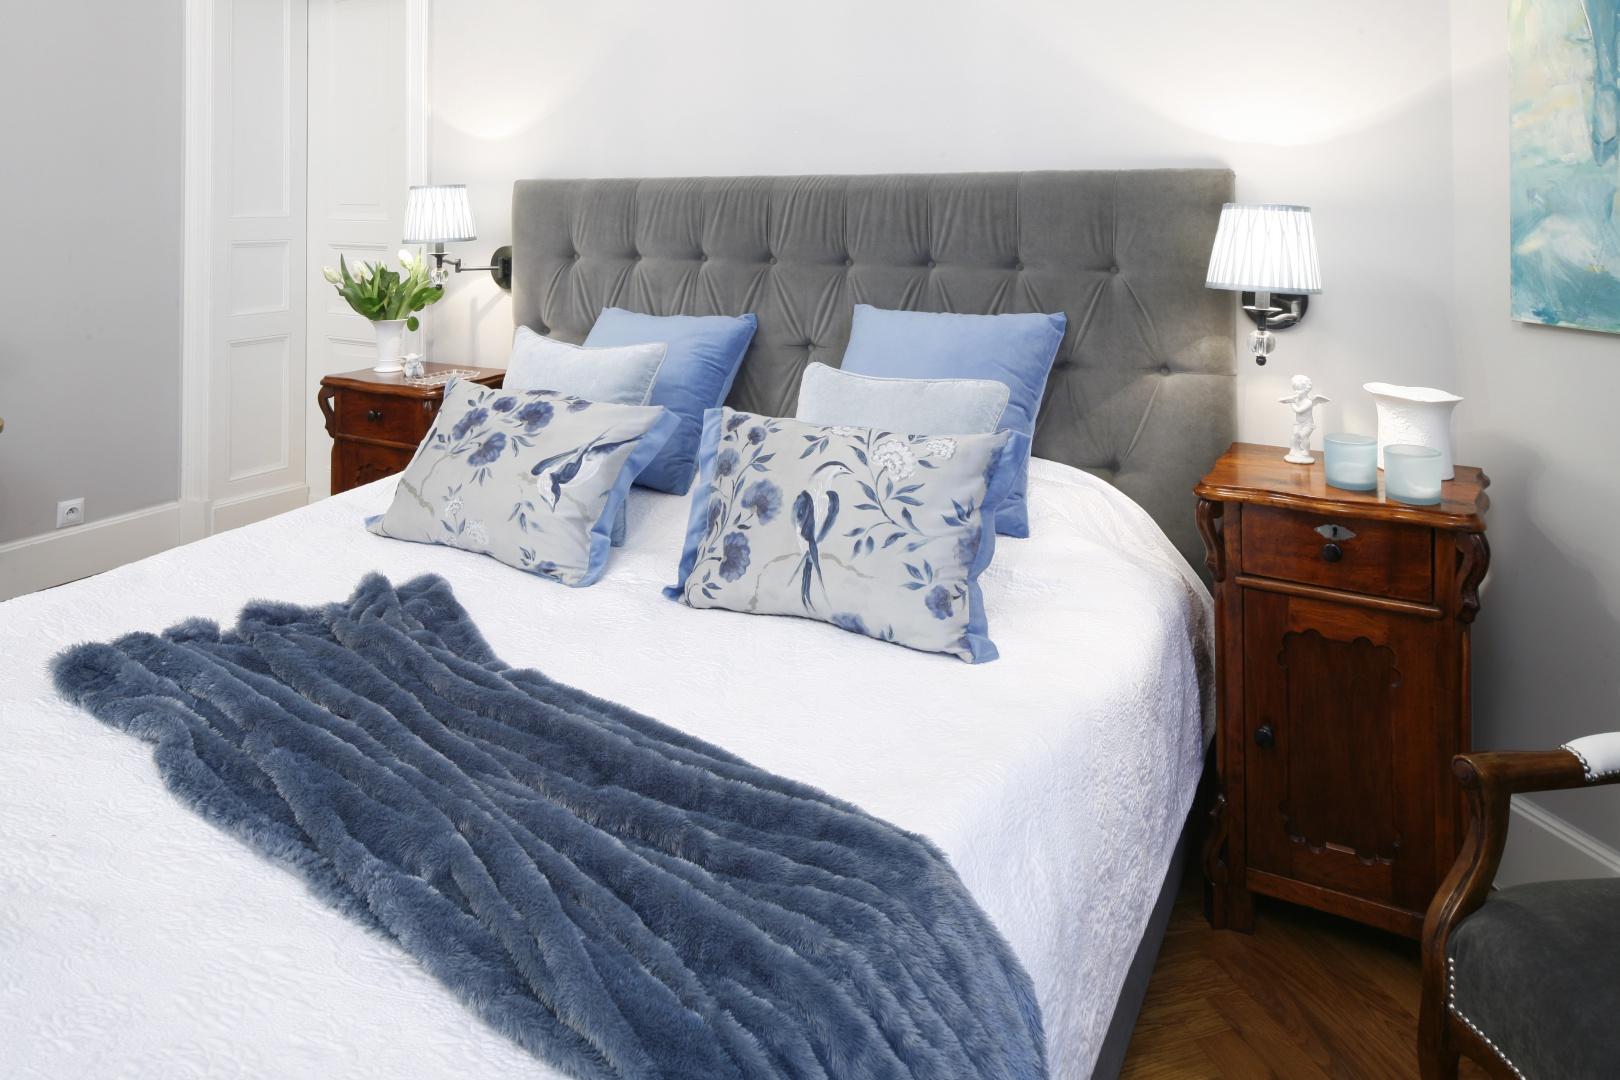 Sypialnia urządzona klasycznie: miękkie tkaniny i drewniane meble dodają przytulności. Projekt: Iwona Kurkowska. Fot. Bartosz Jarosz